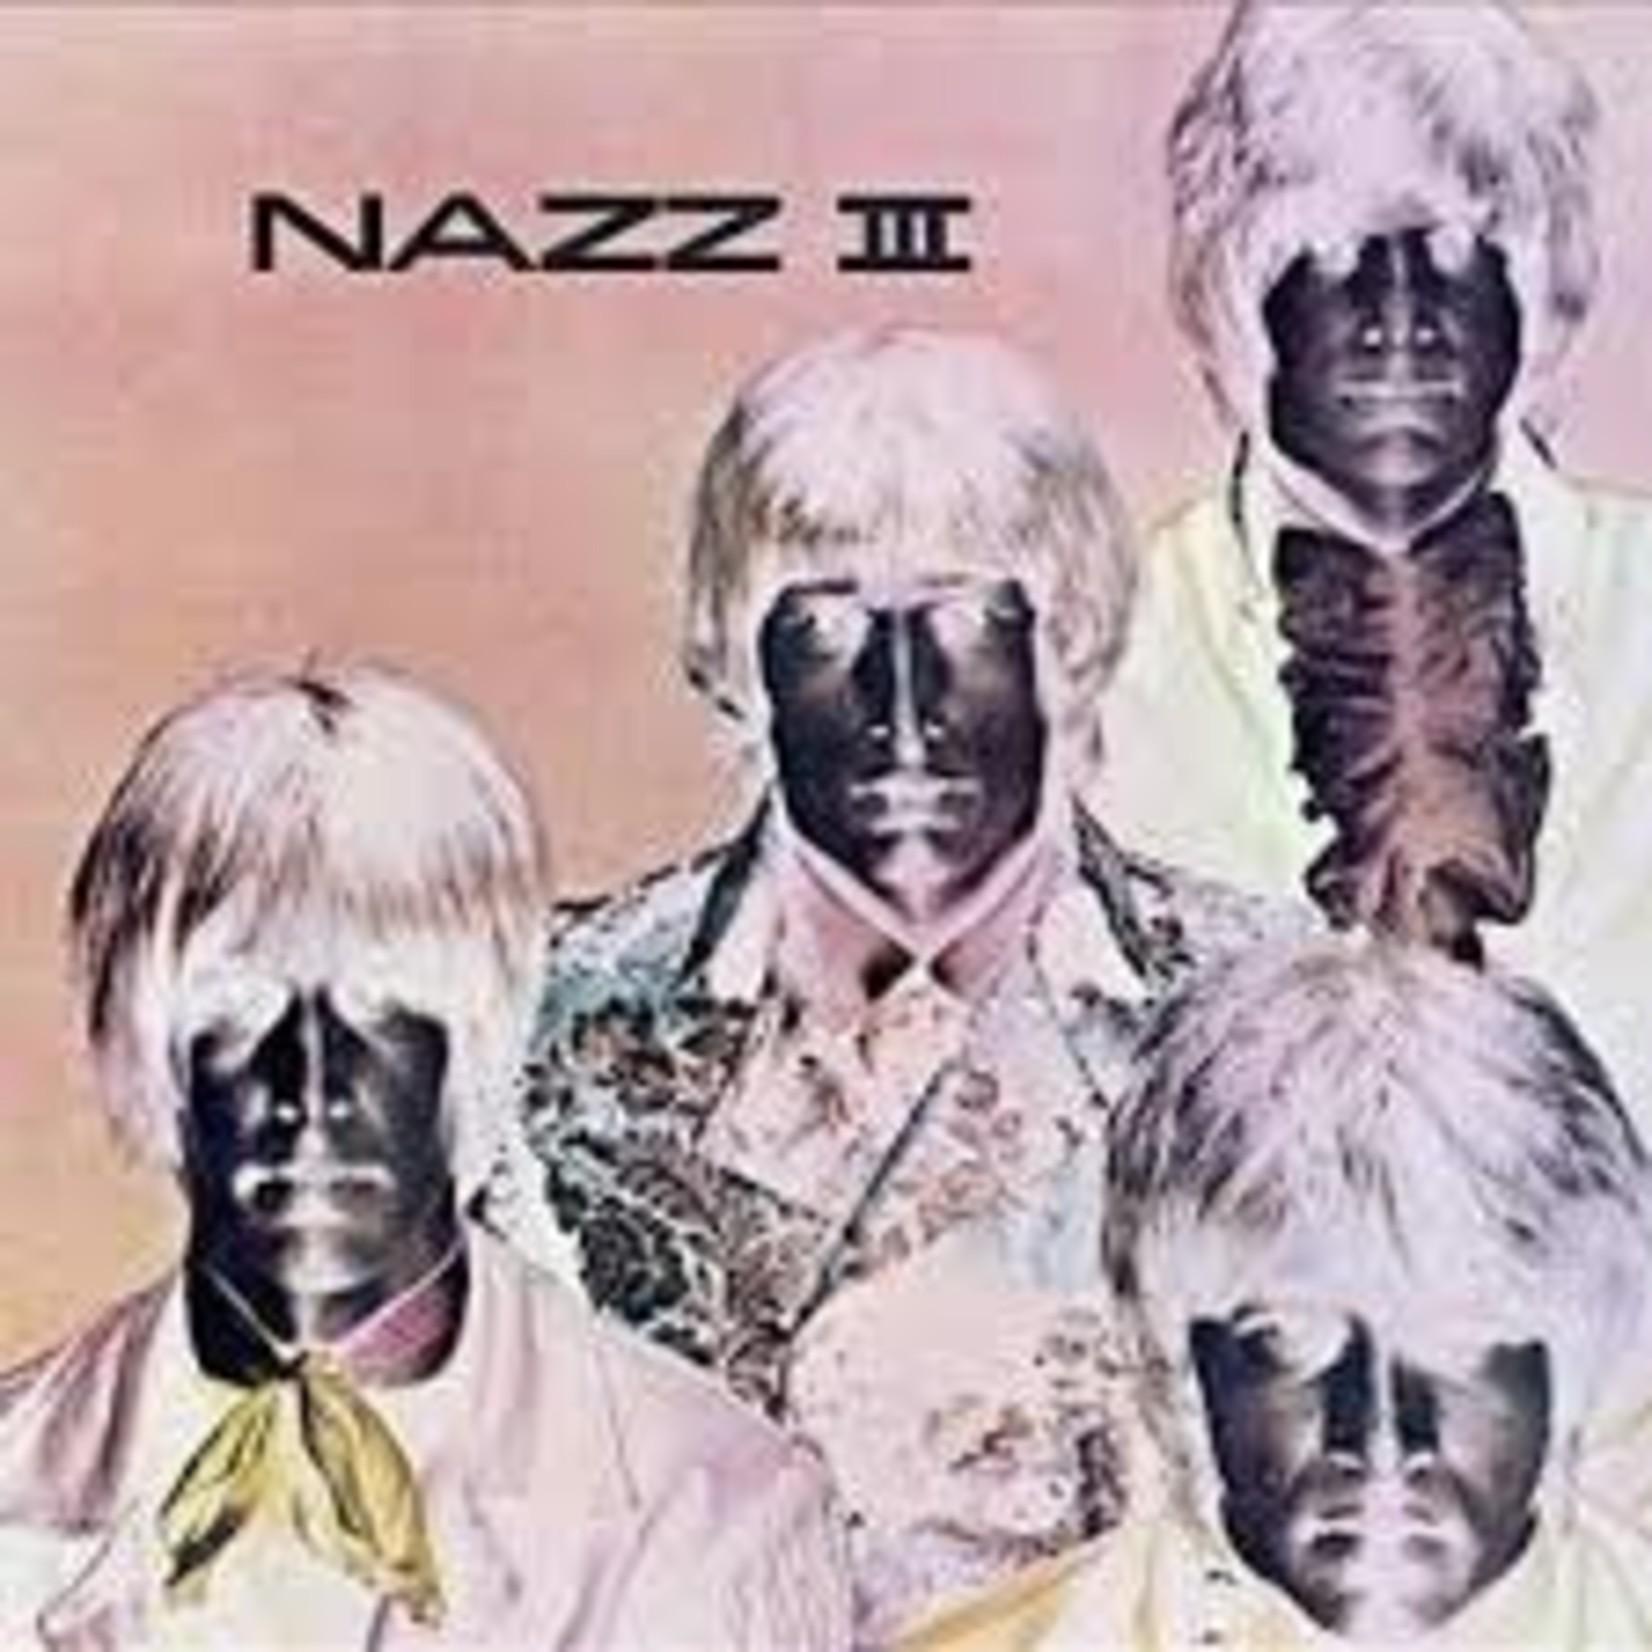 Vinyl Nazz - Nazz III